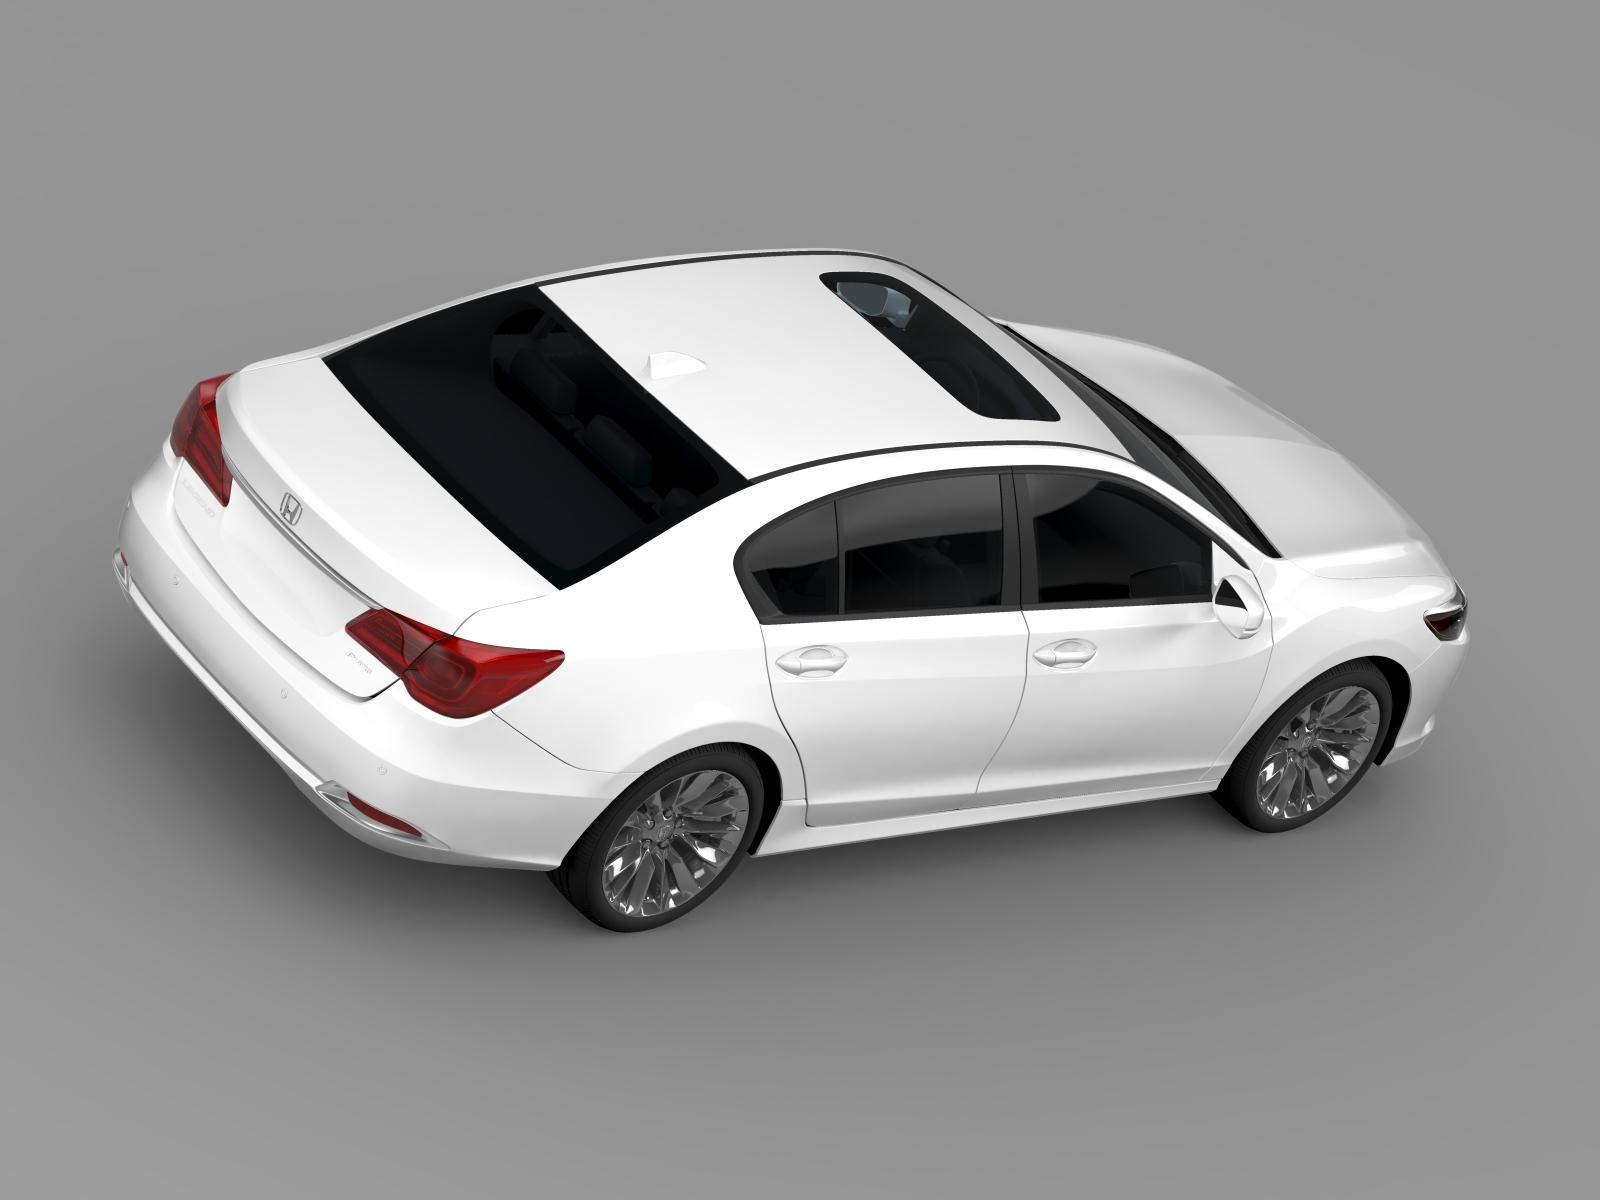 honda legend 2015 3d model vehicles 3d models avto 3ds max fbx c4d lwo lws lw ma mb obj ar vr. Black Bedroom Furniture Sets. Home Design Ideas